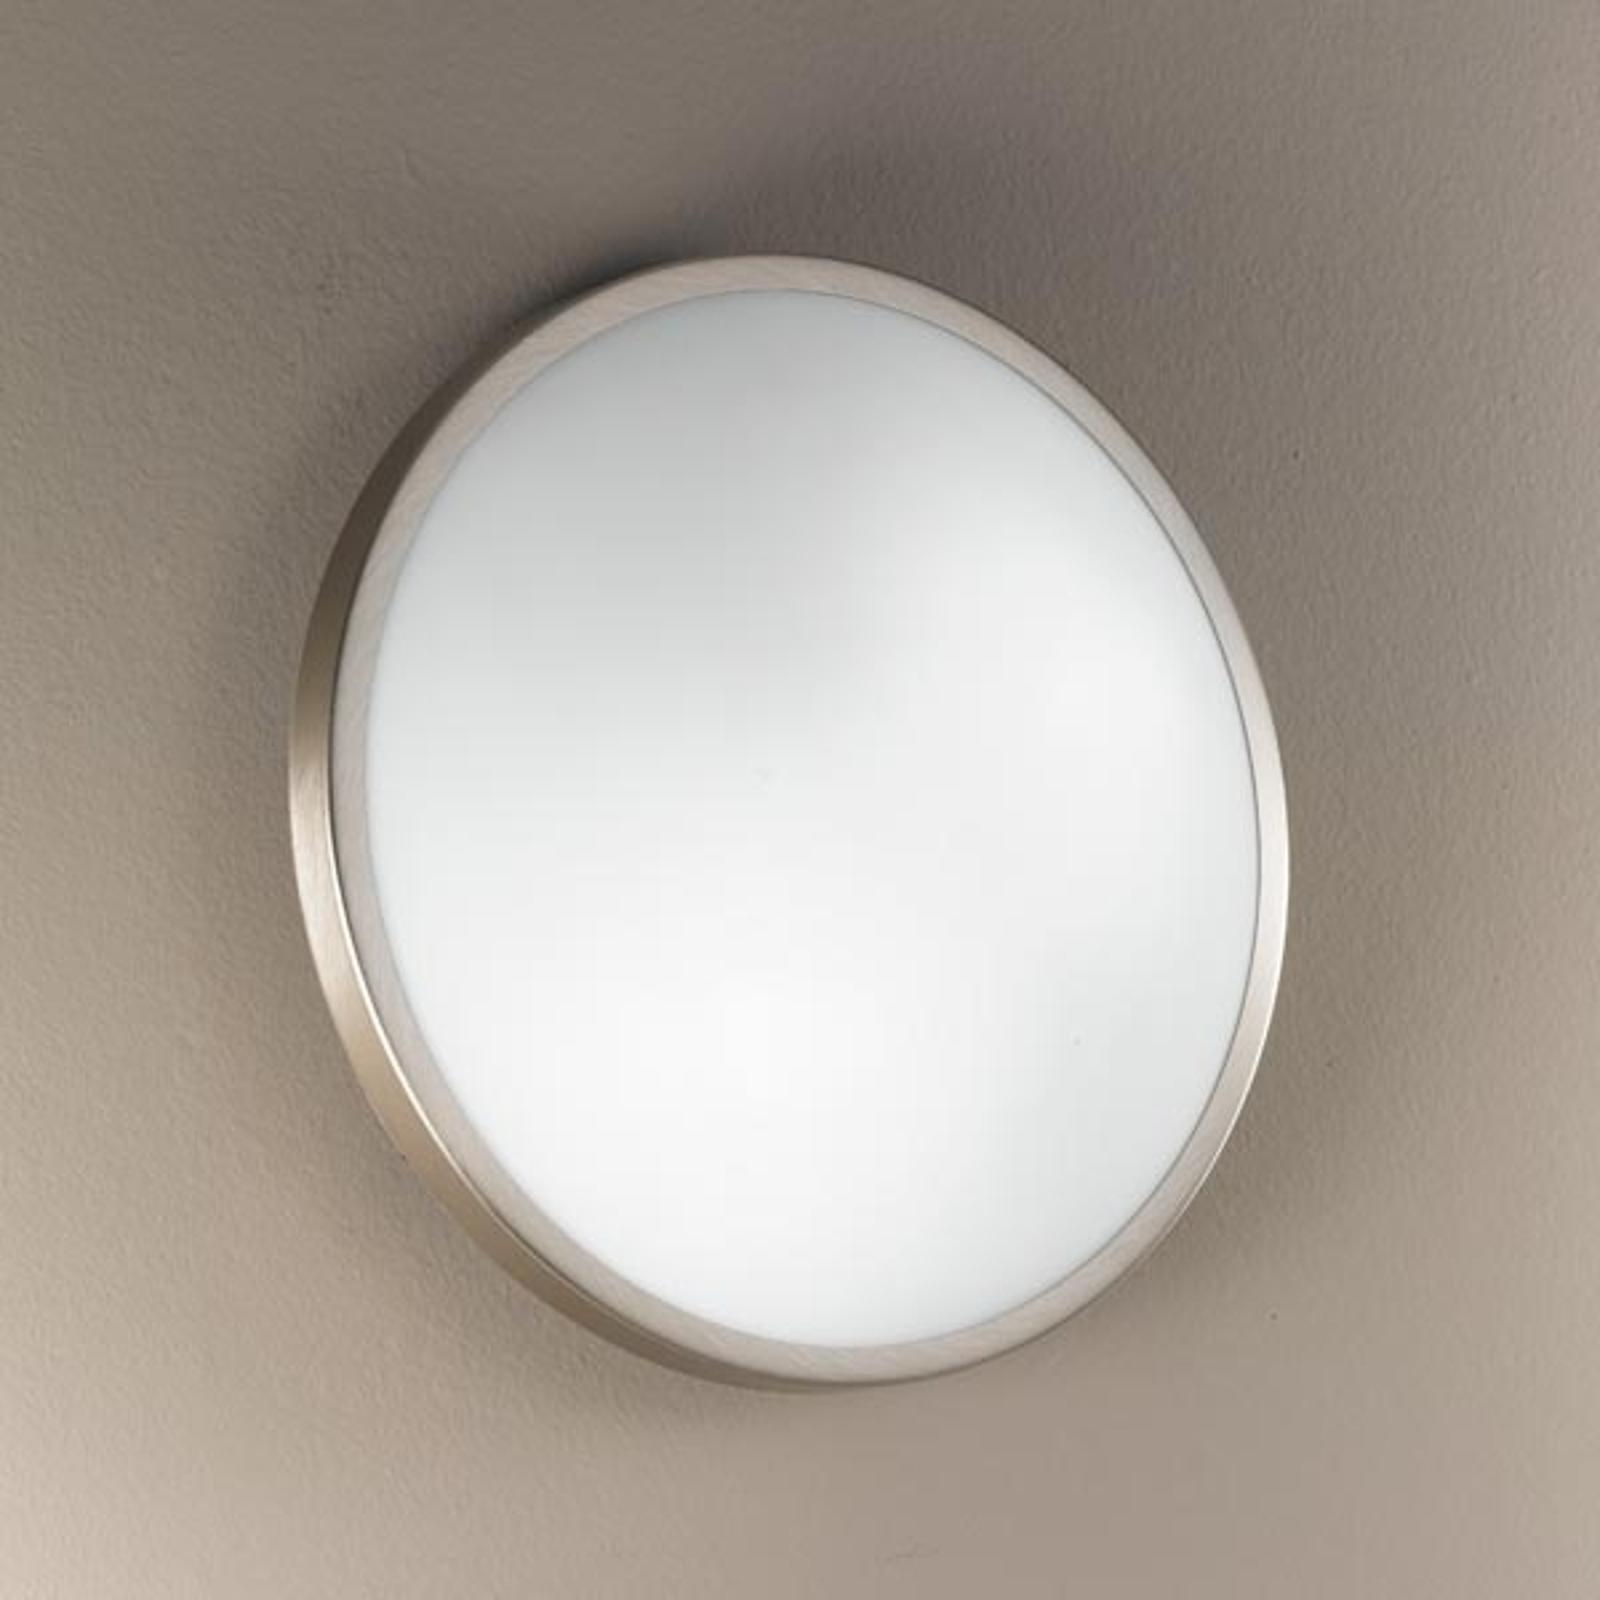 Applique ou plafonnier PLAZA, verre, 21,5 cm